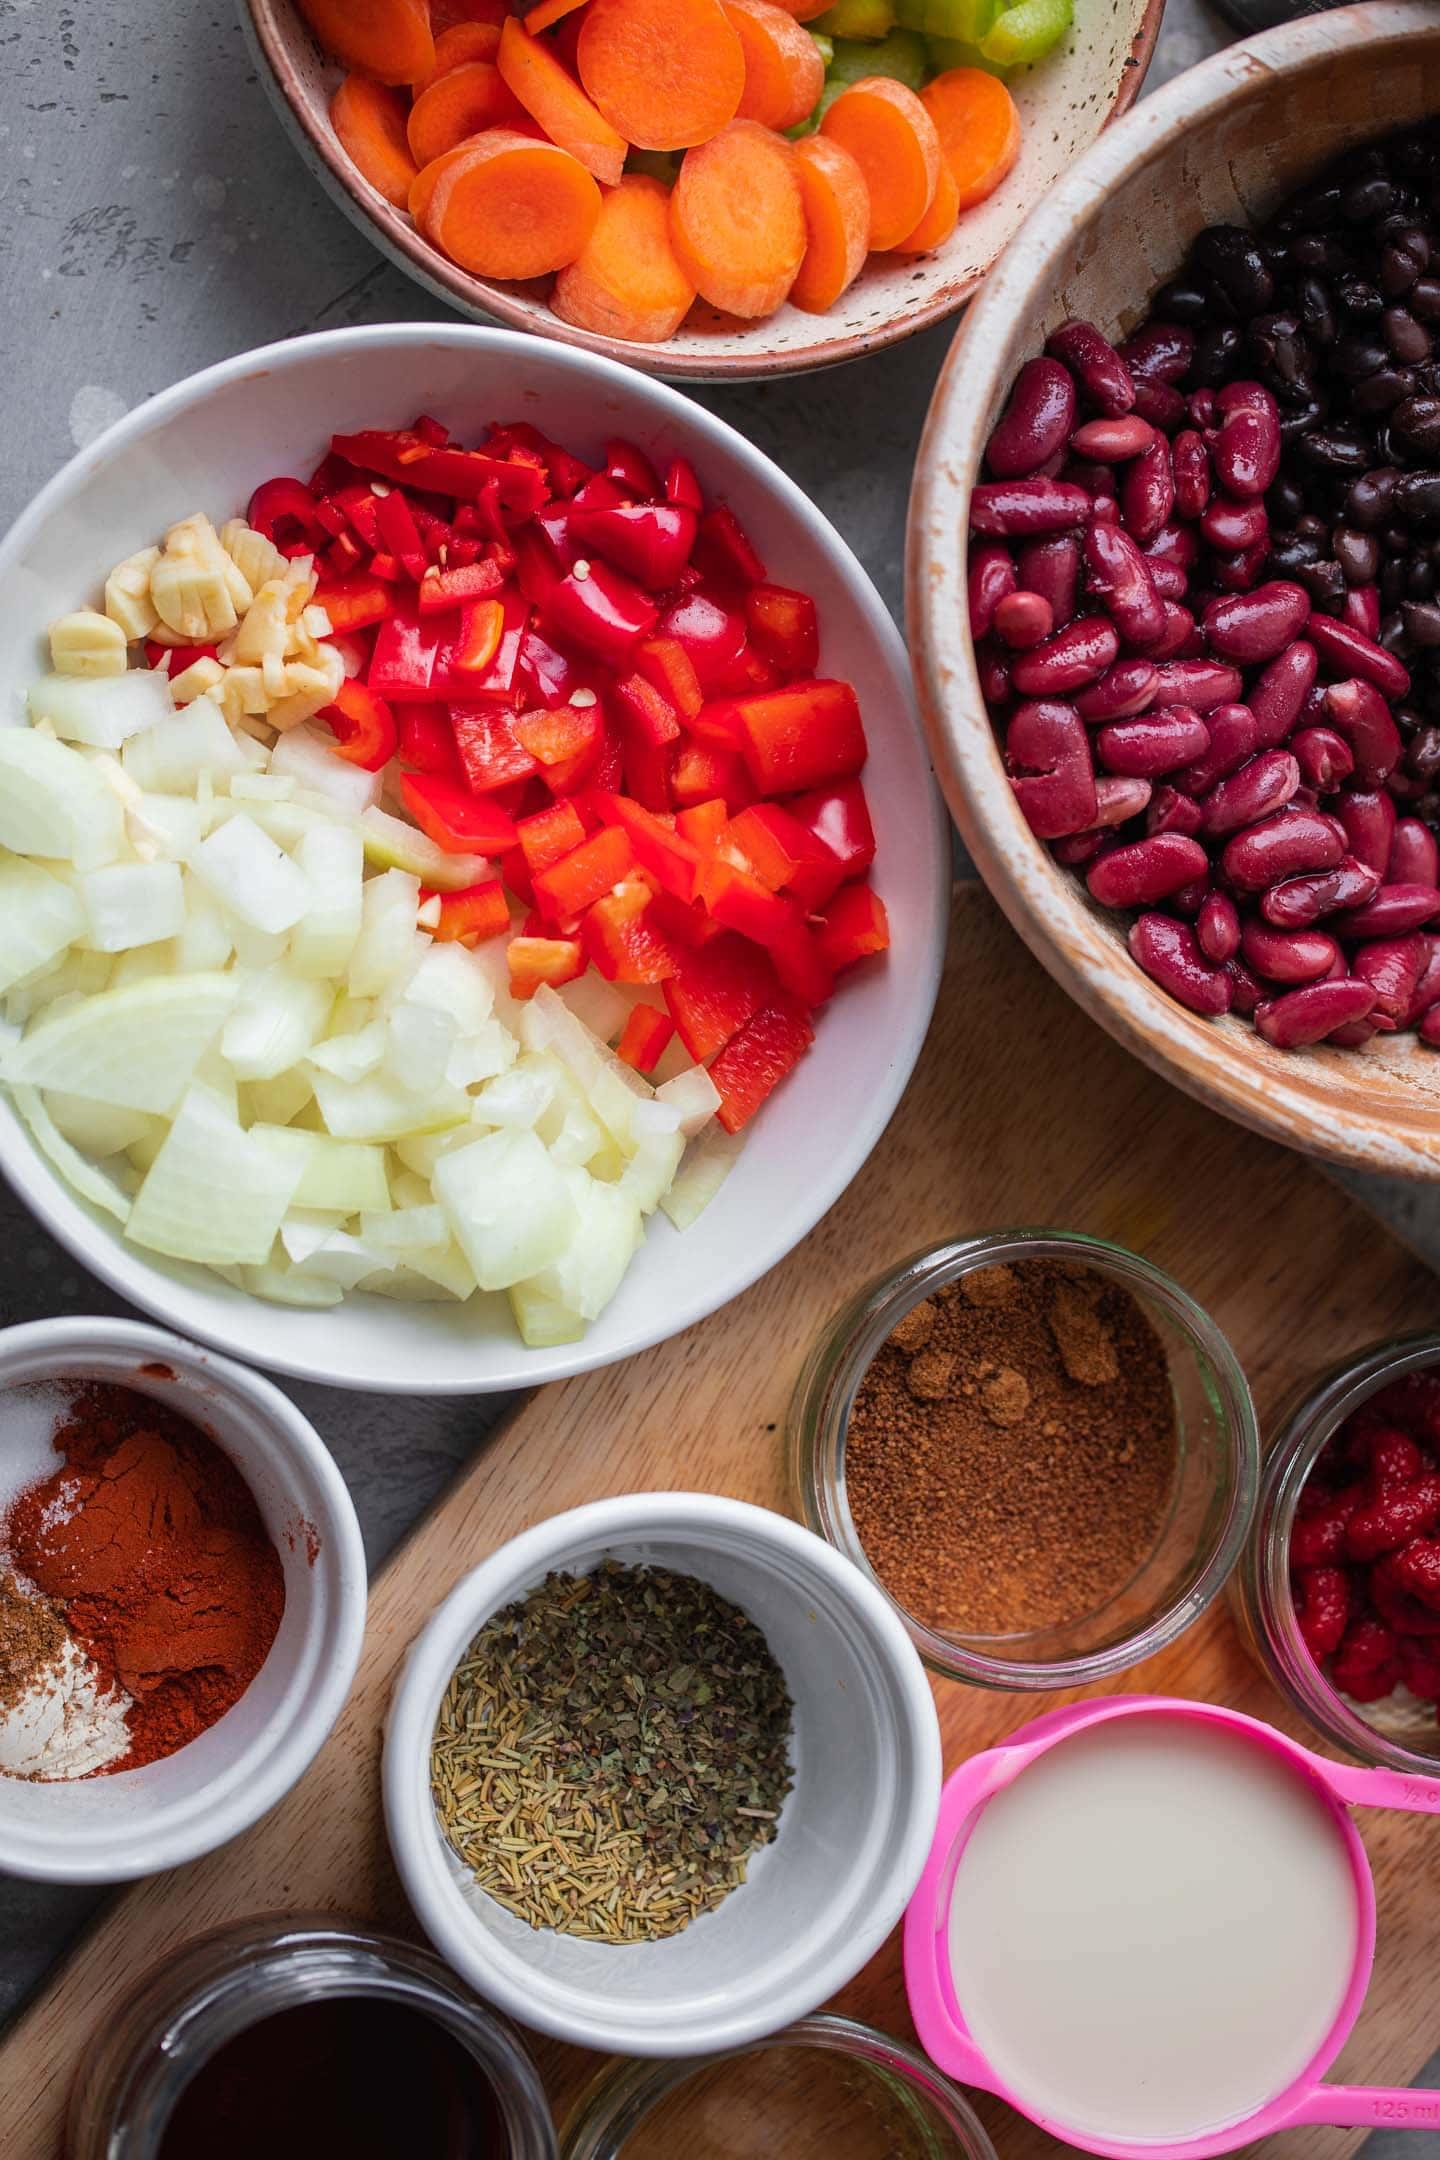 Ingredients for vegan chili